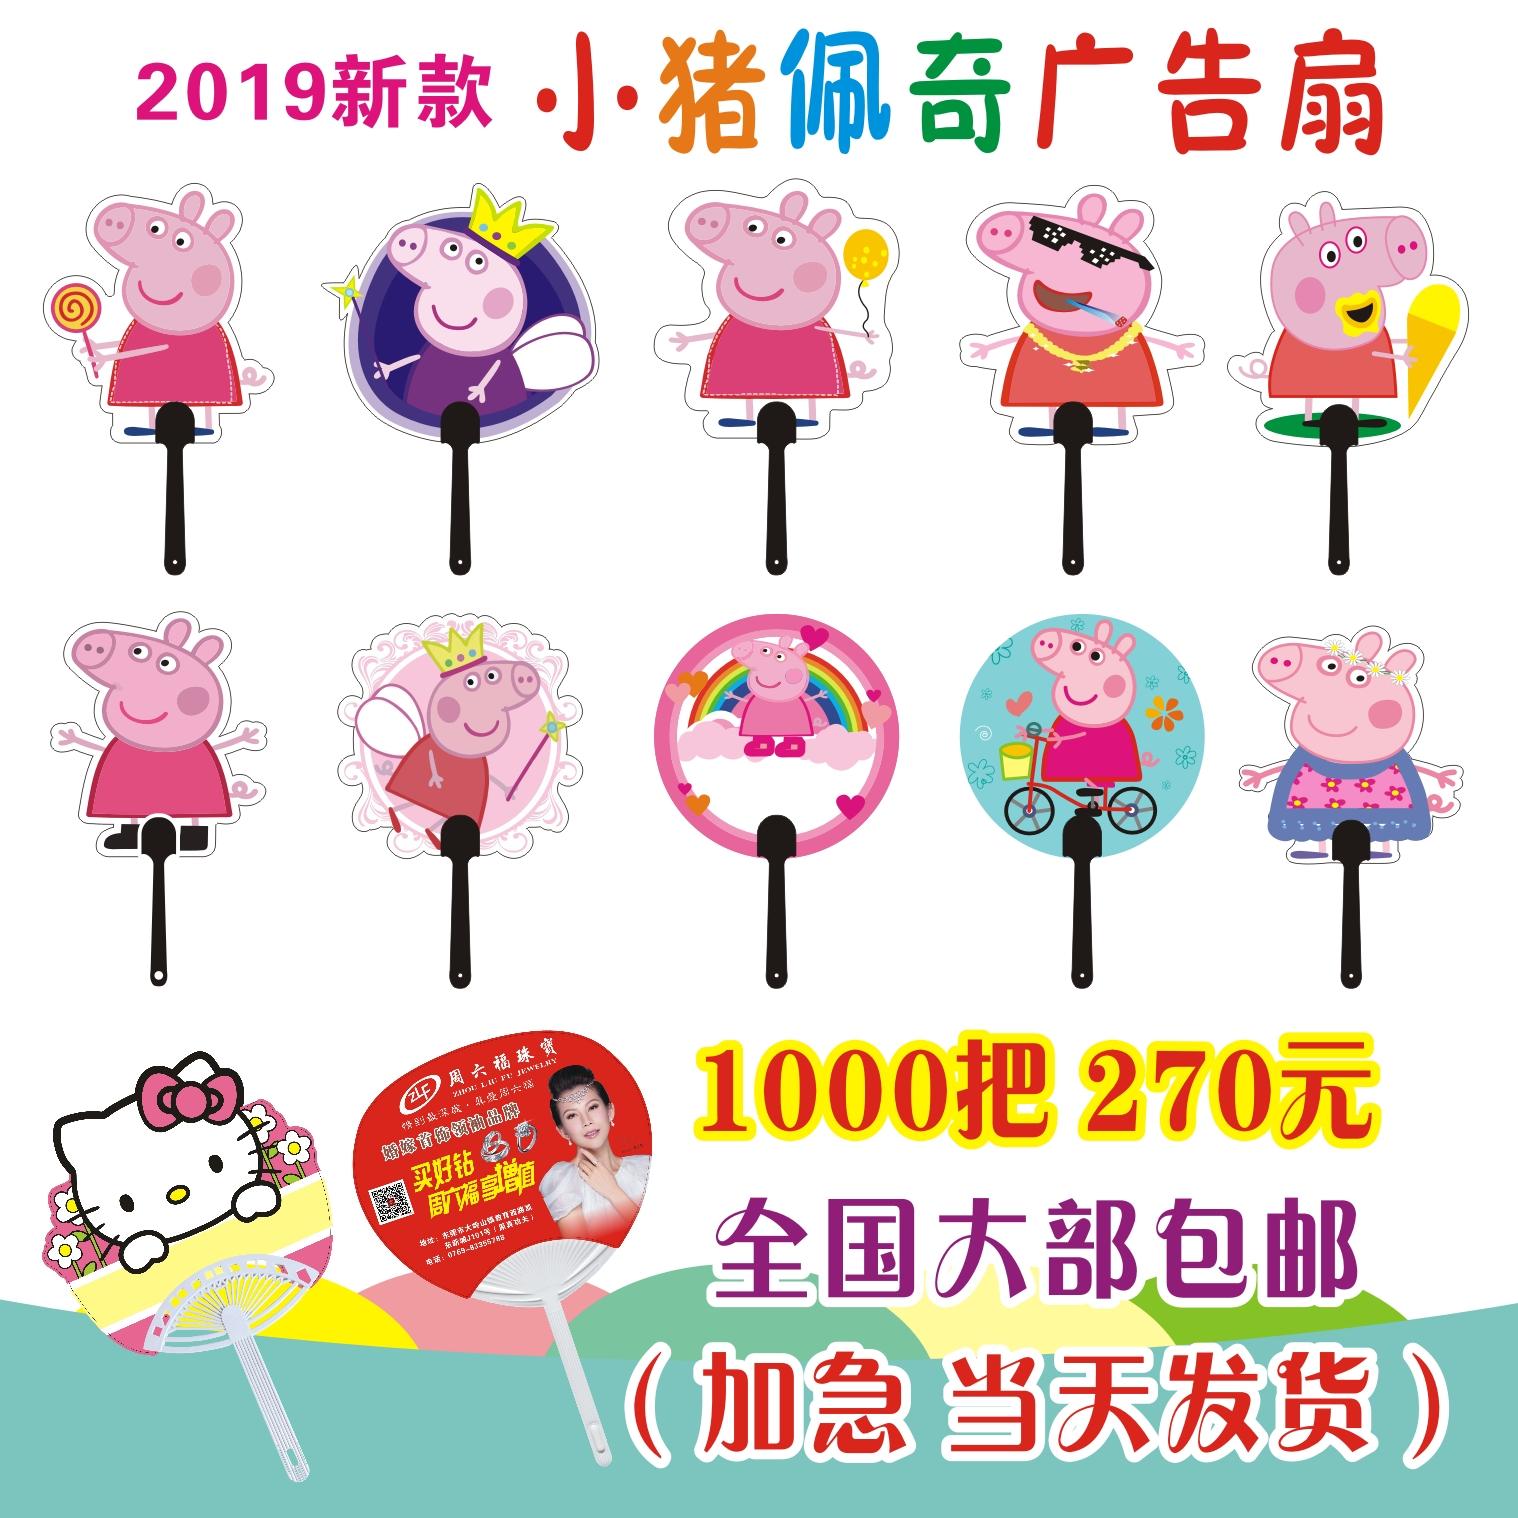 Glue fan advertising fan custom-made group fan manufacturers custom advertising fan PP plastic fan custom-made campaign propaganda fan